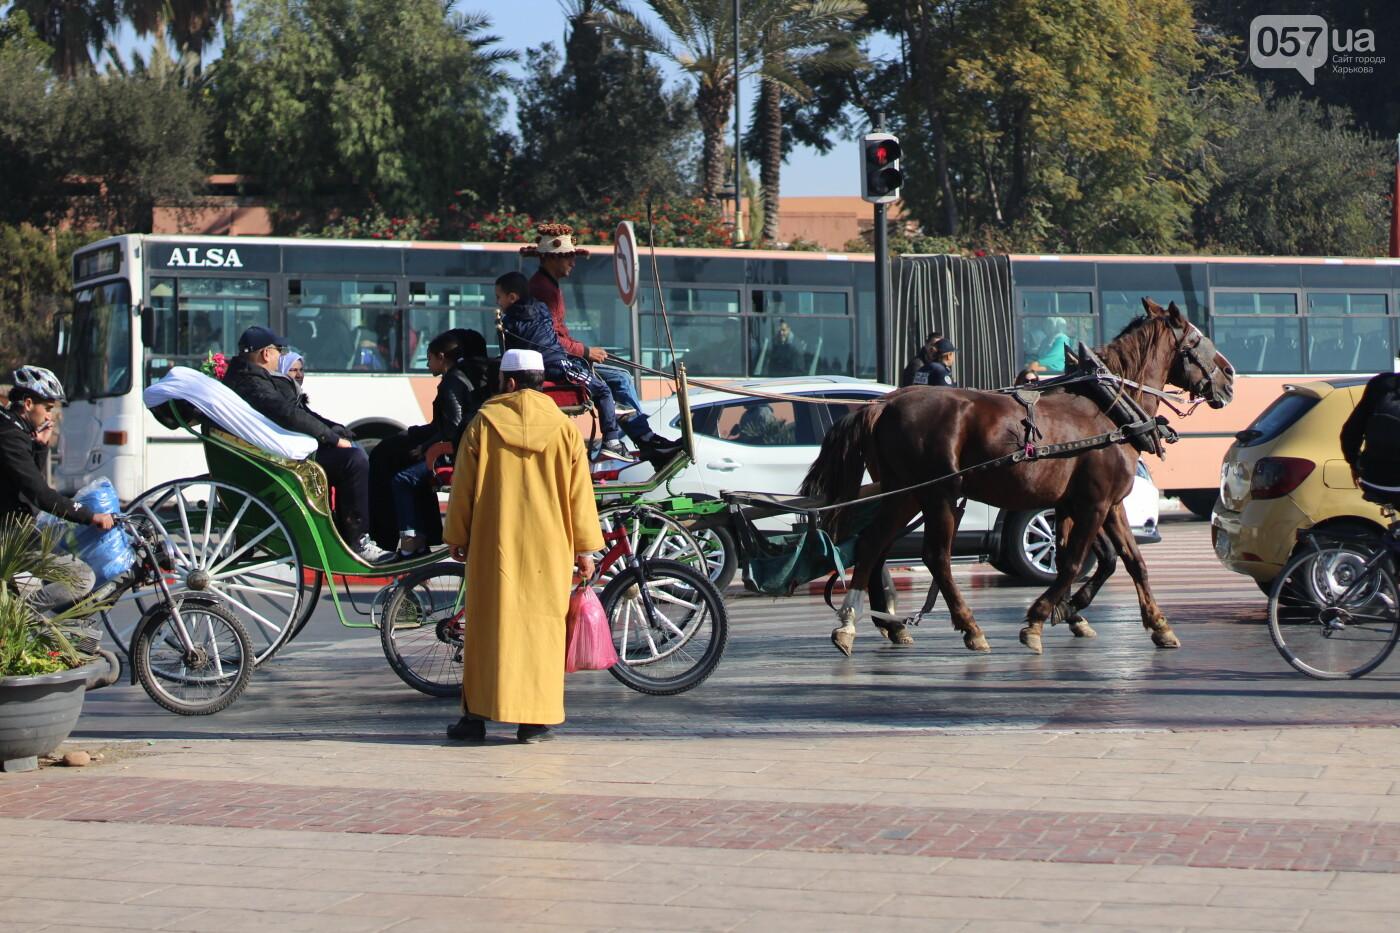 Из Харькова в Африку. Как добраться, на что посмотреть и что попробовать в Королевстве Марокко, - ФОТО, фото-5